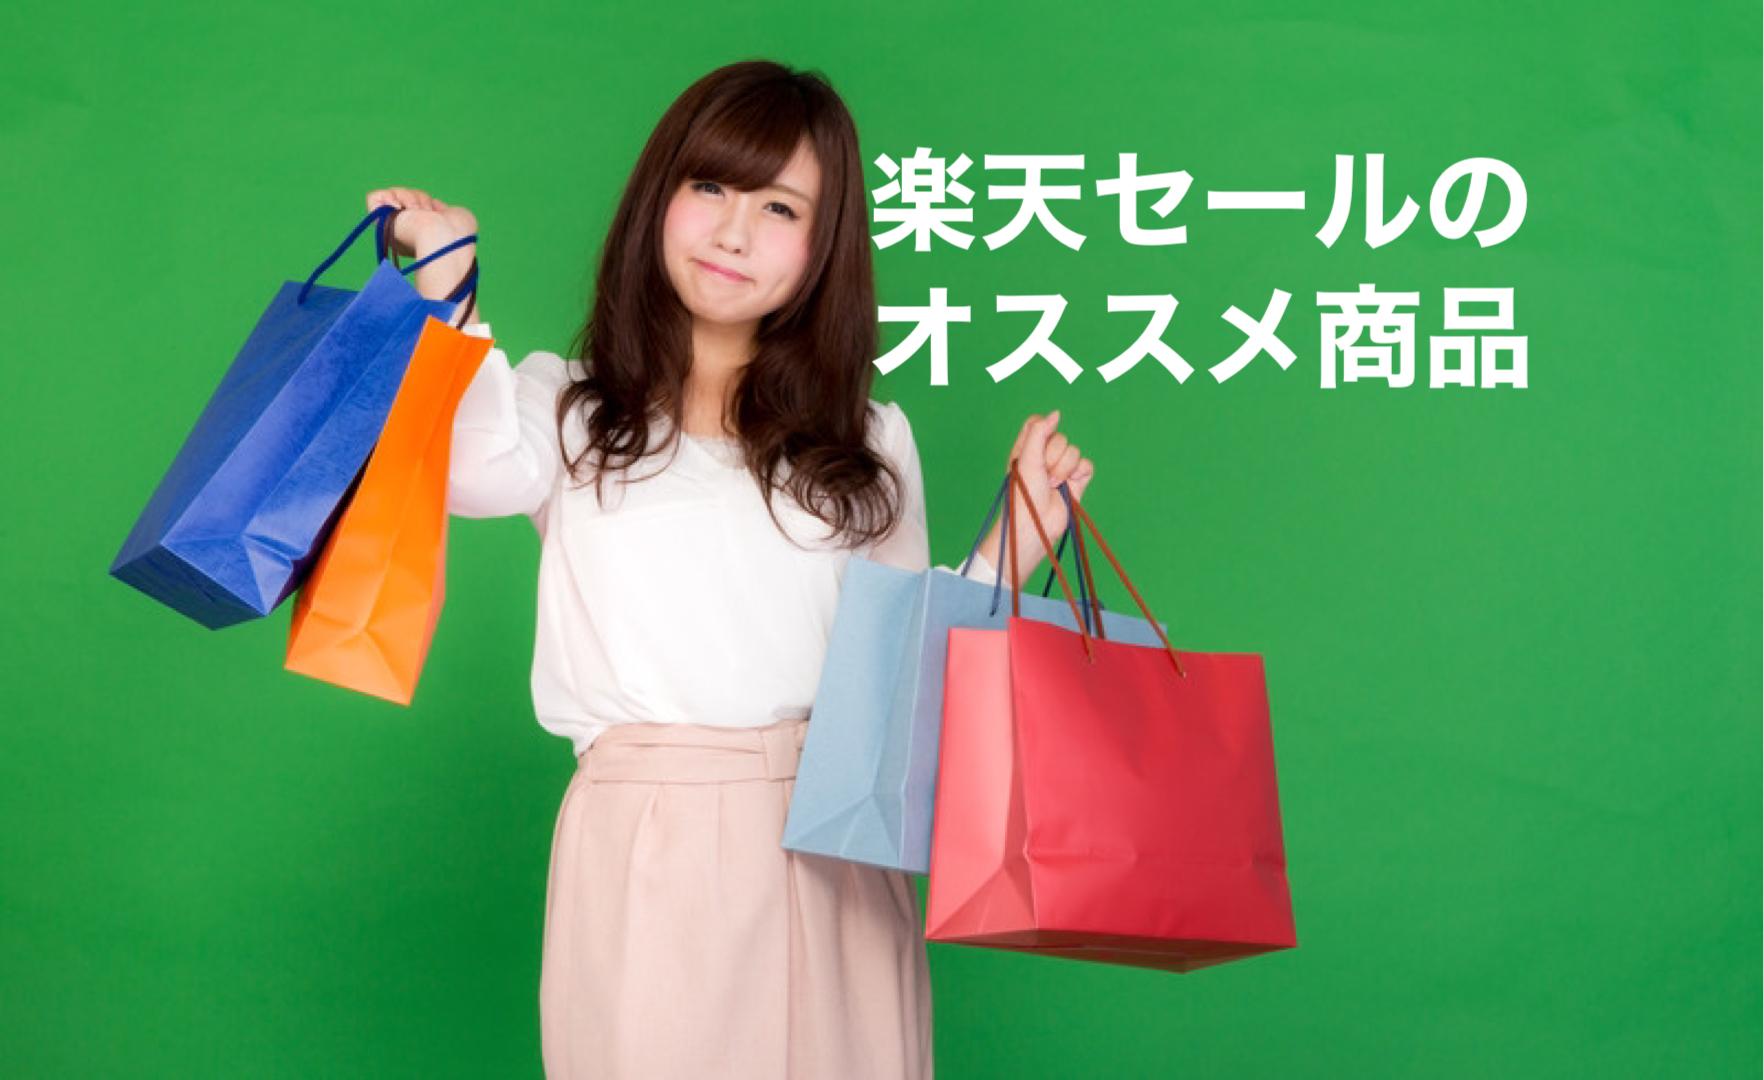 【お得に購入できる】楽天のスーパーセールお買い物マラソンでオススメな商品7選